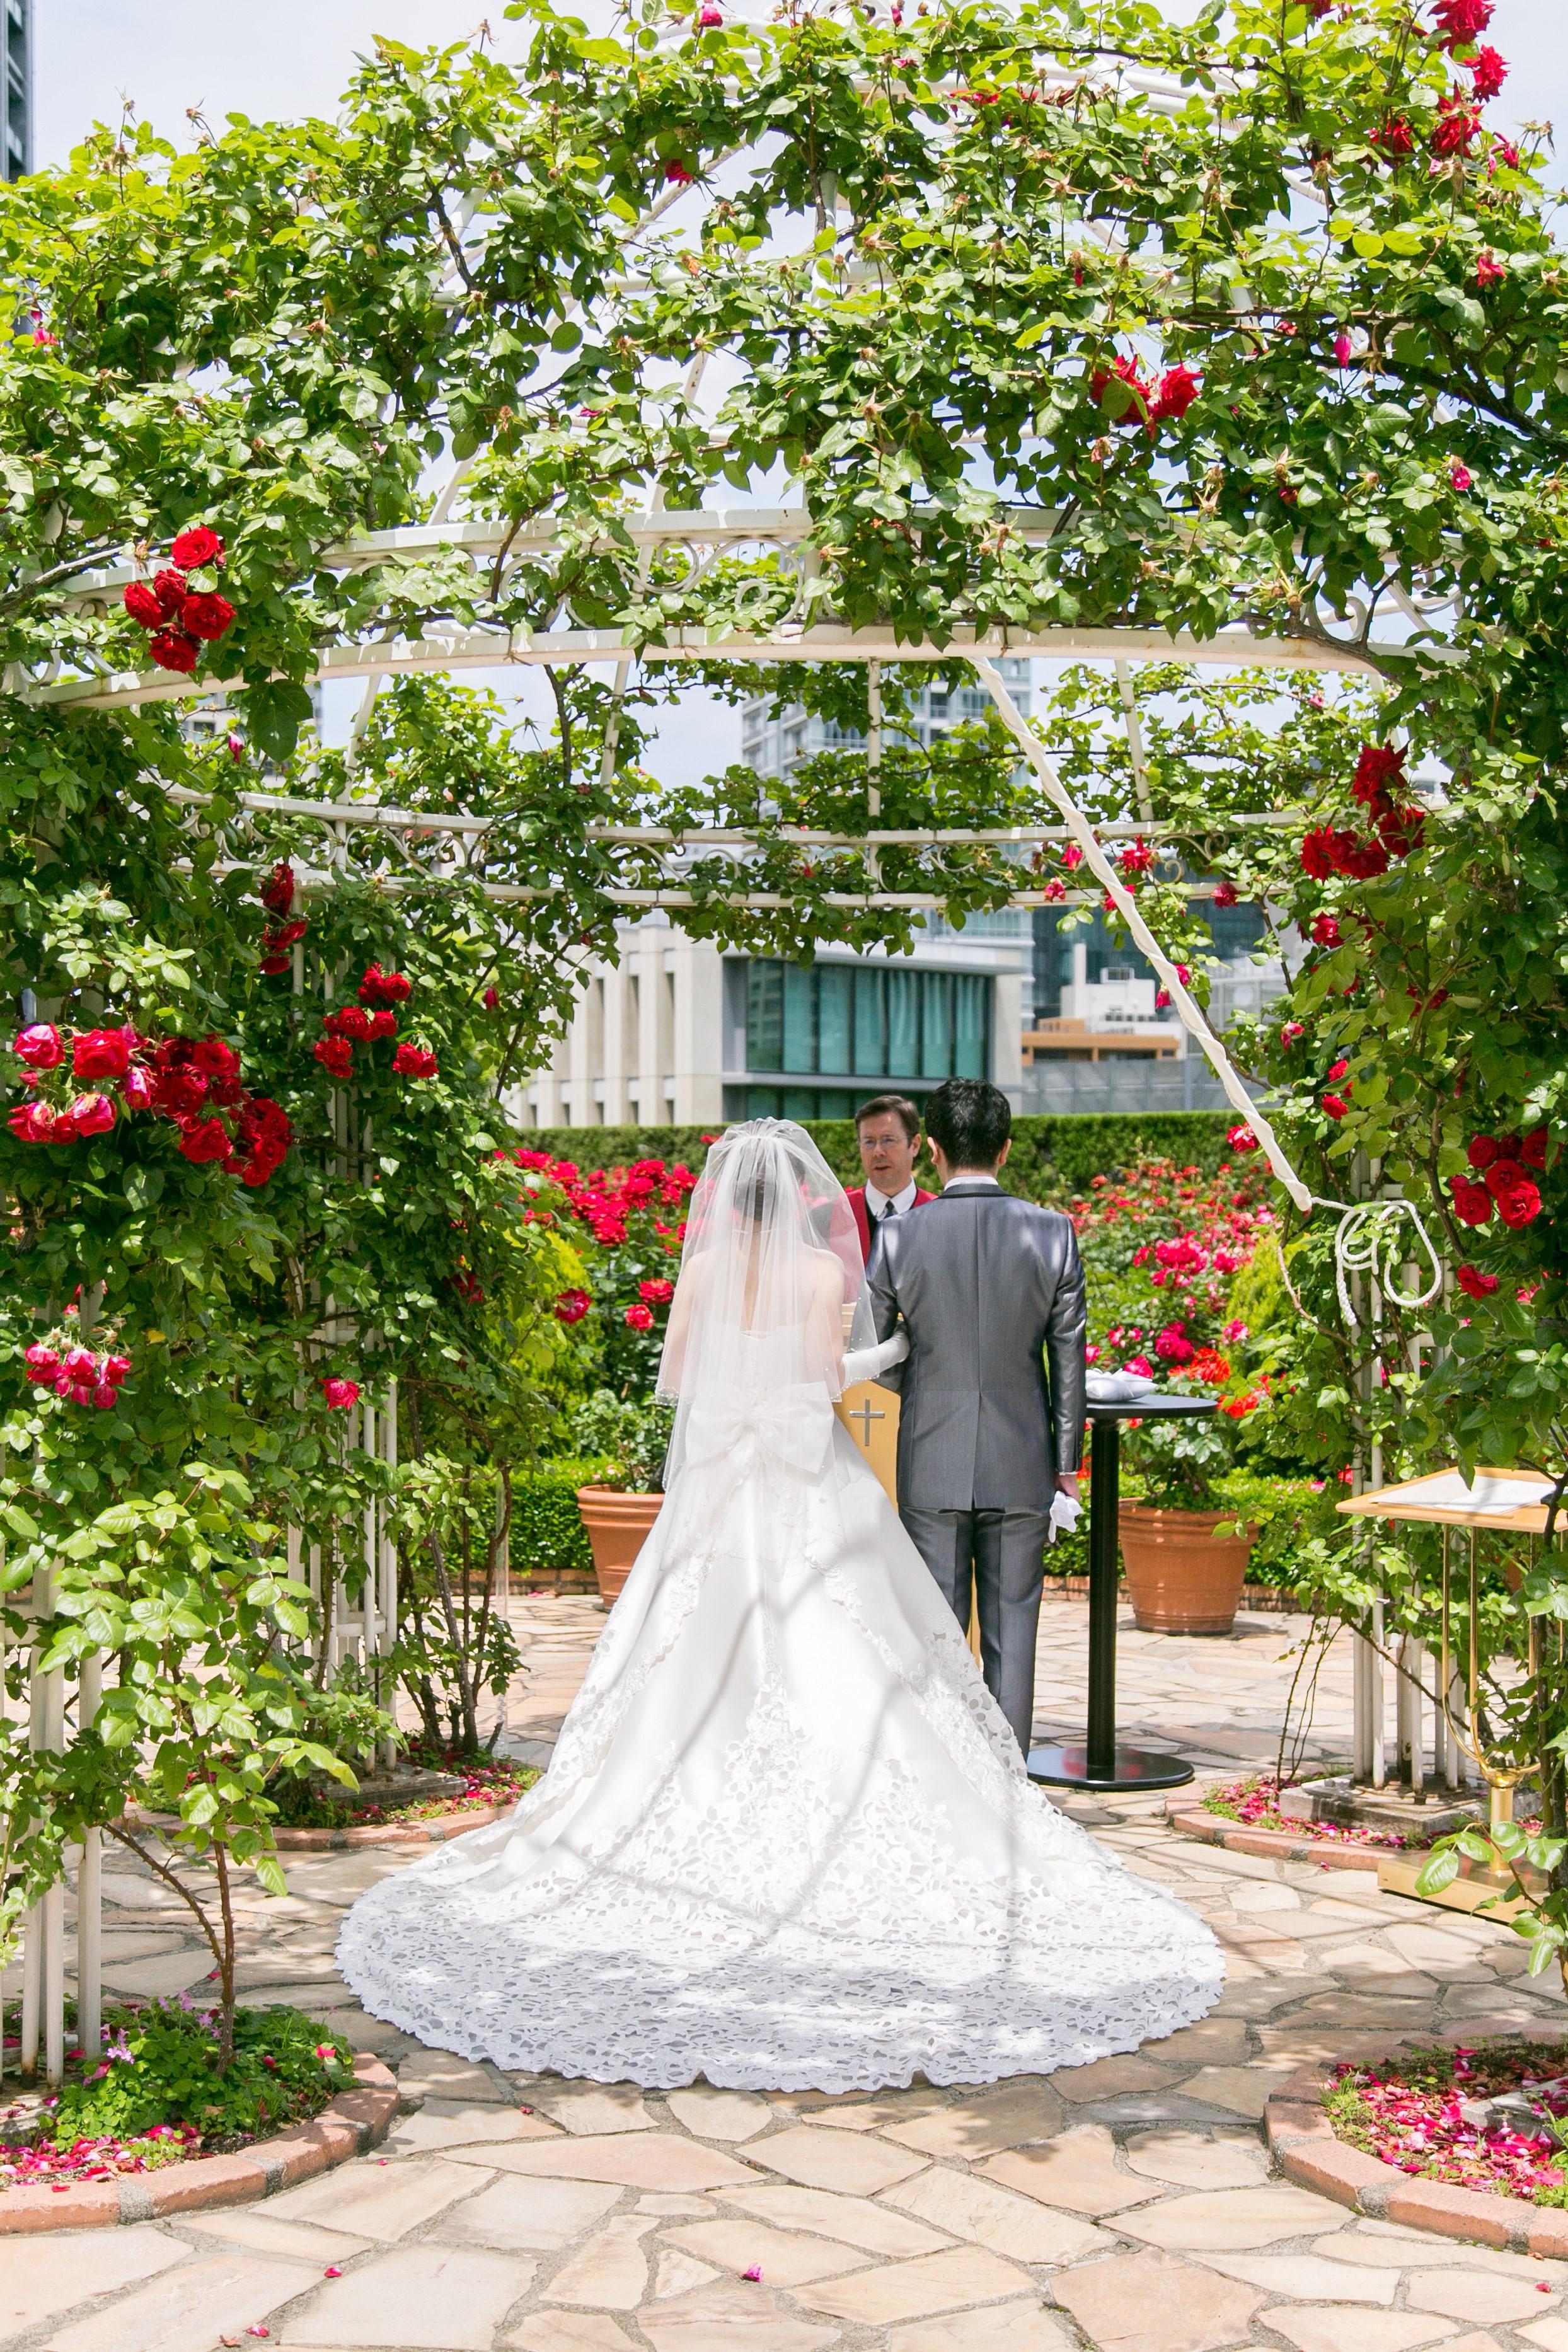 ホテルニューオータニ,ローズガーデン,結婚式,卒花嫁